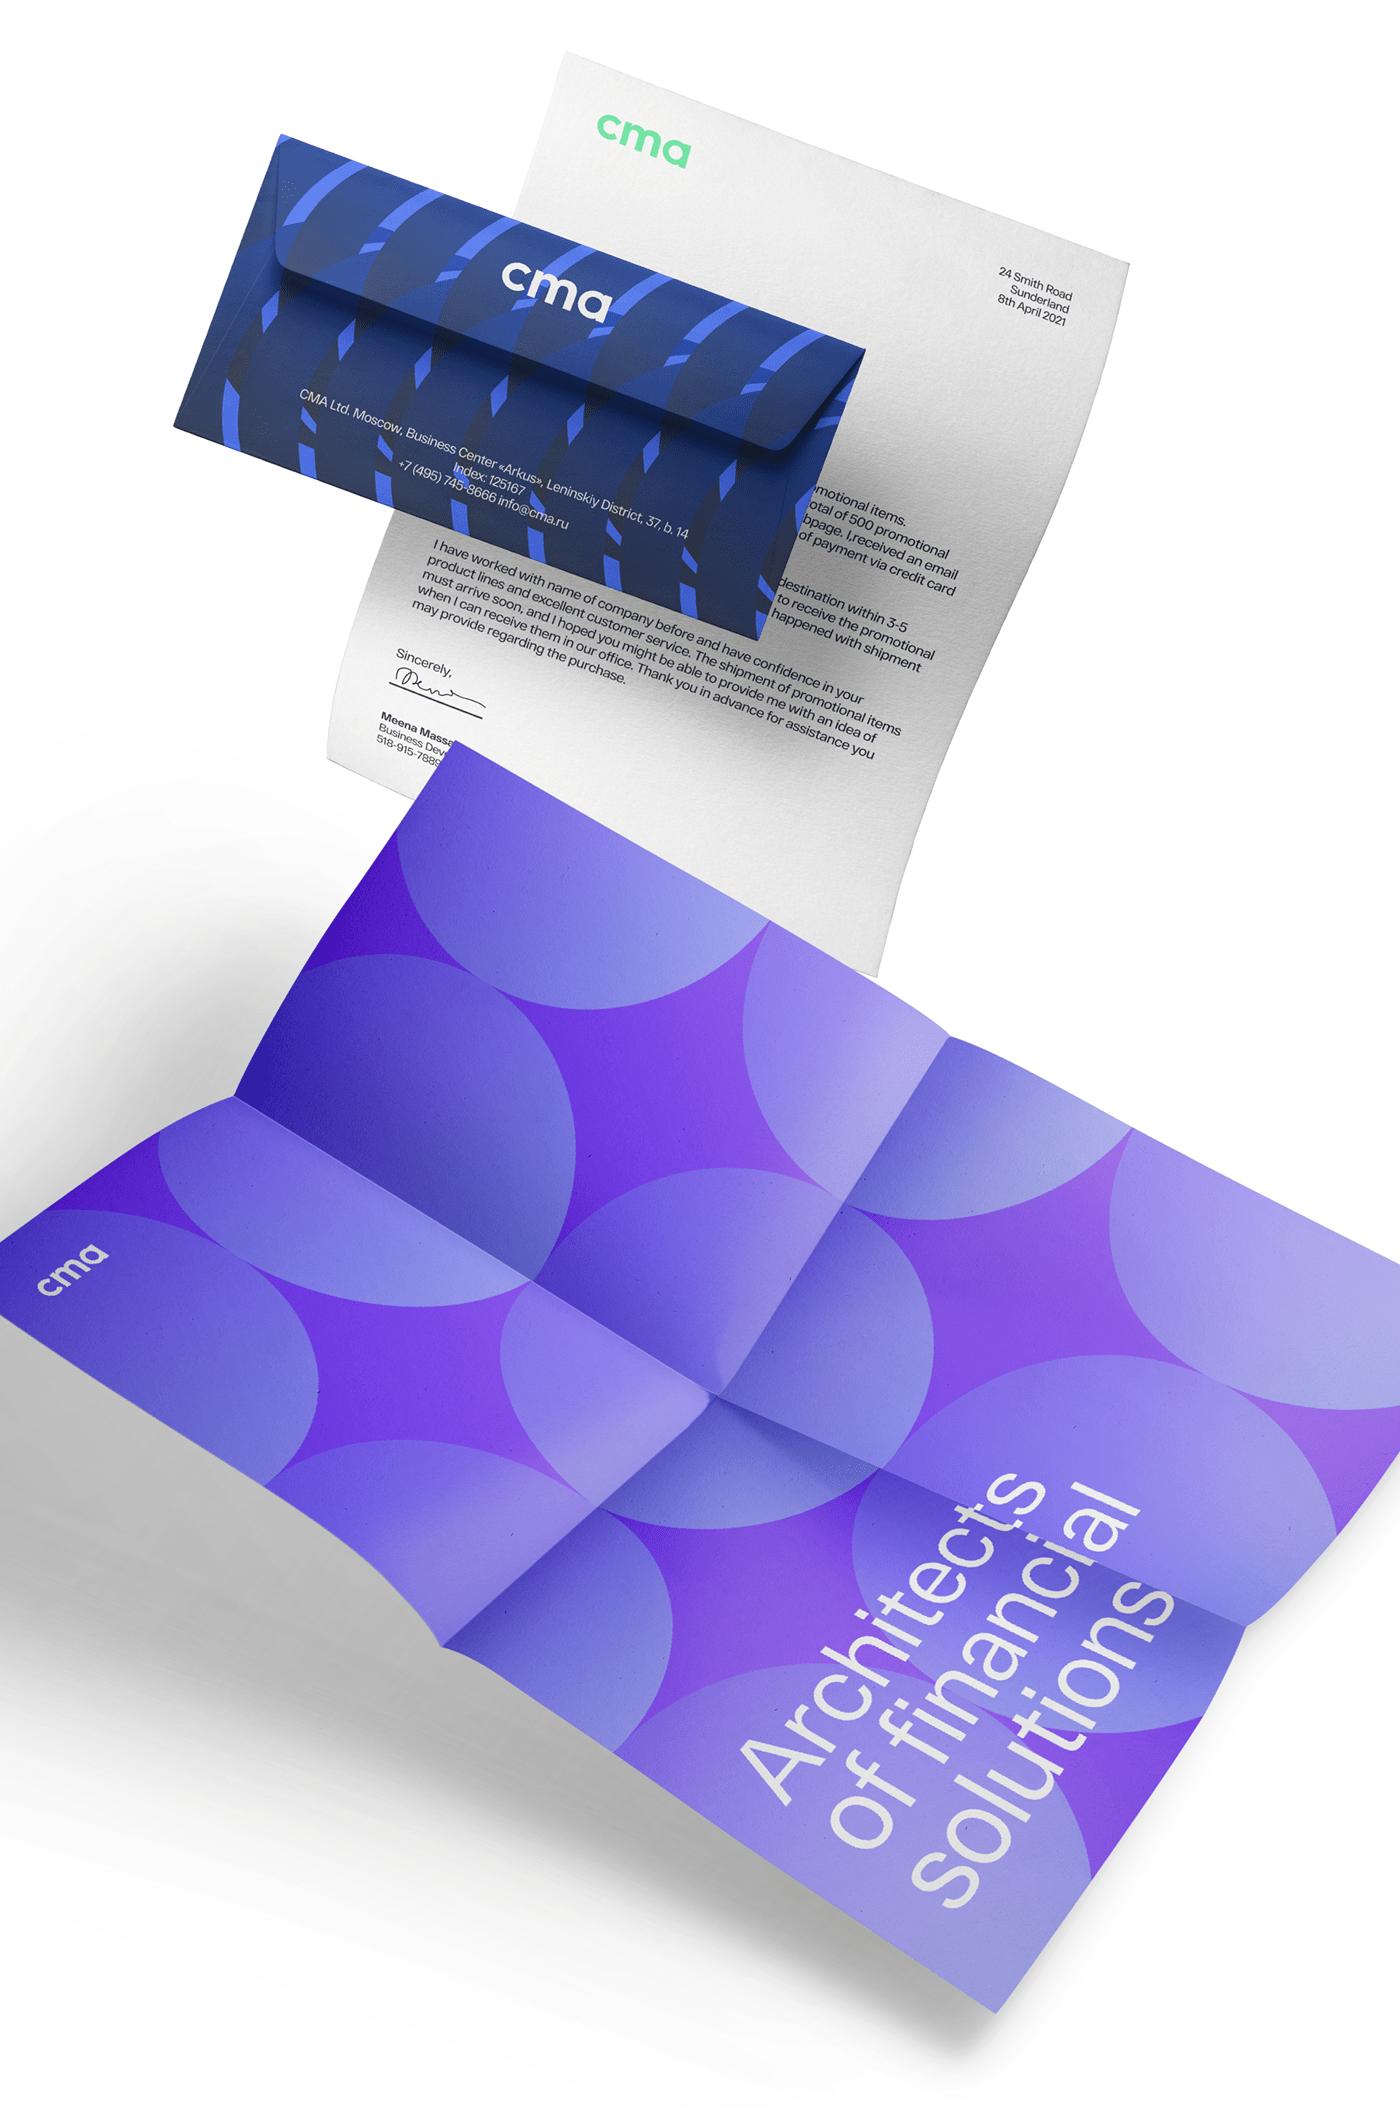 3D 3D figures 3D shapes brand branding  finance identity motion UI/UX Web